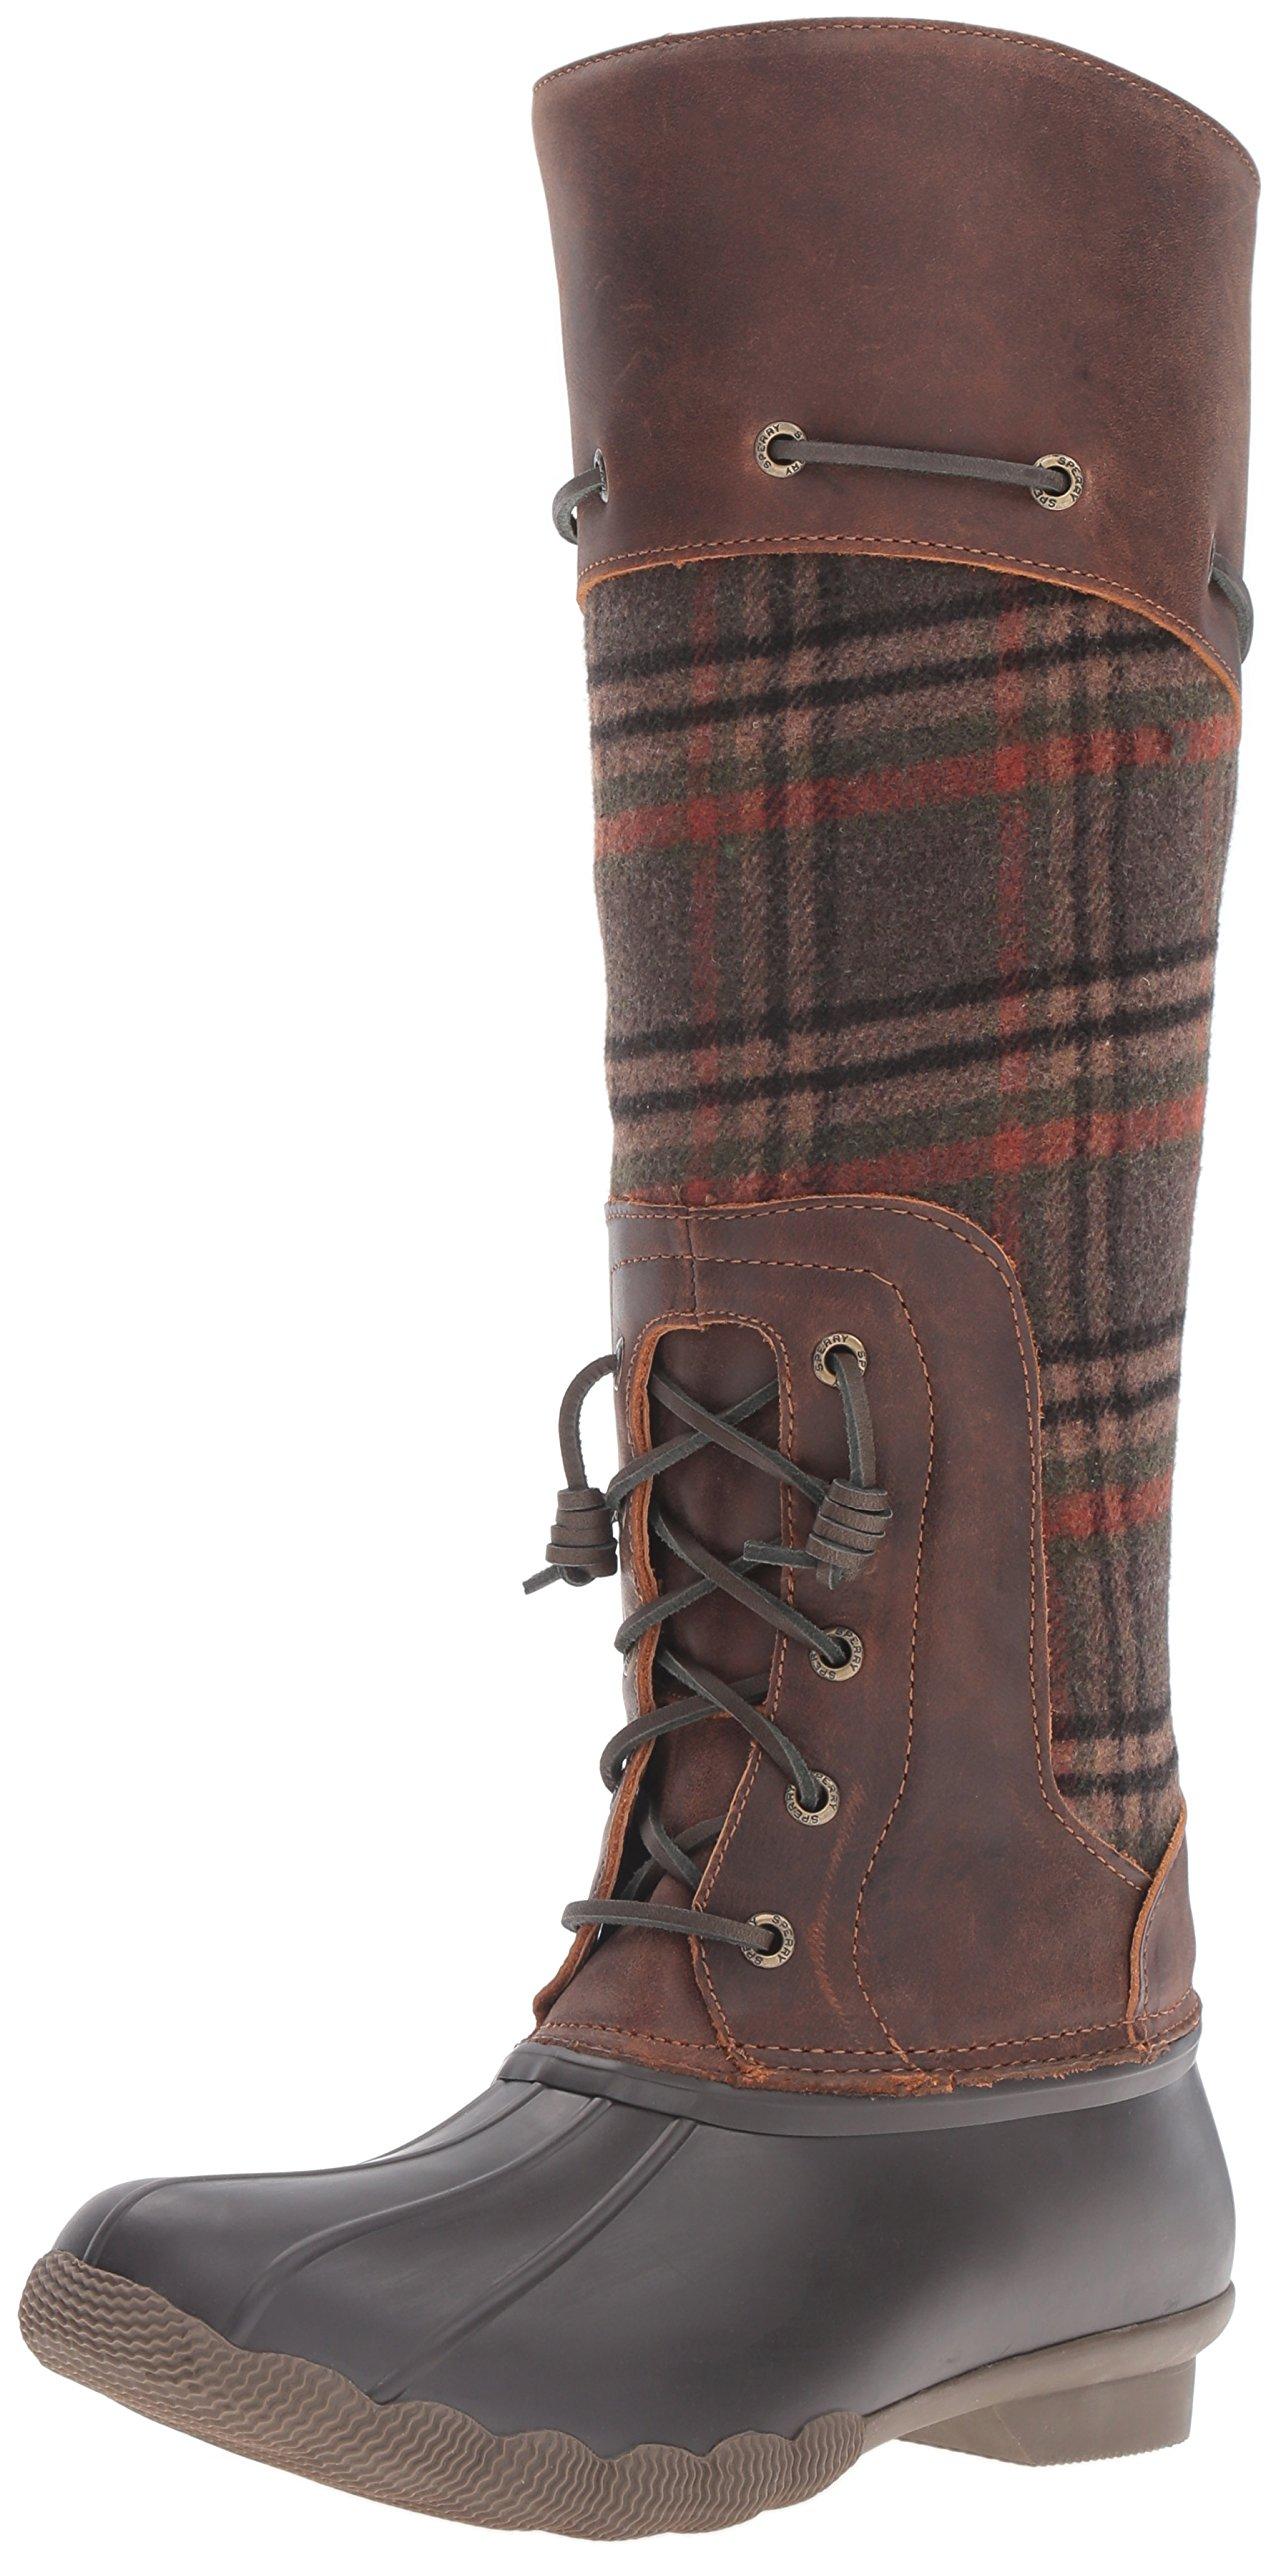 Sperry Top-Sider Women's Saltwater Sela Brown Wool Plaid Rain Boot, Brown/Plaid, 8 M US